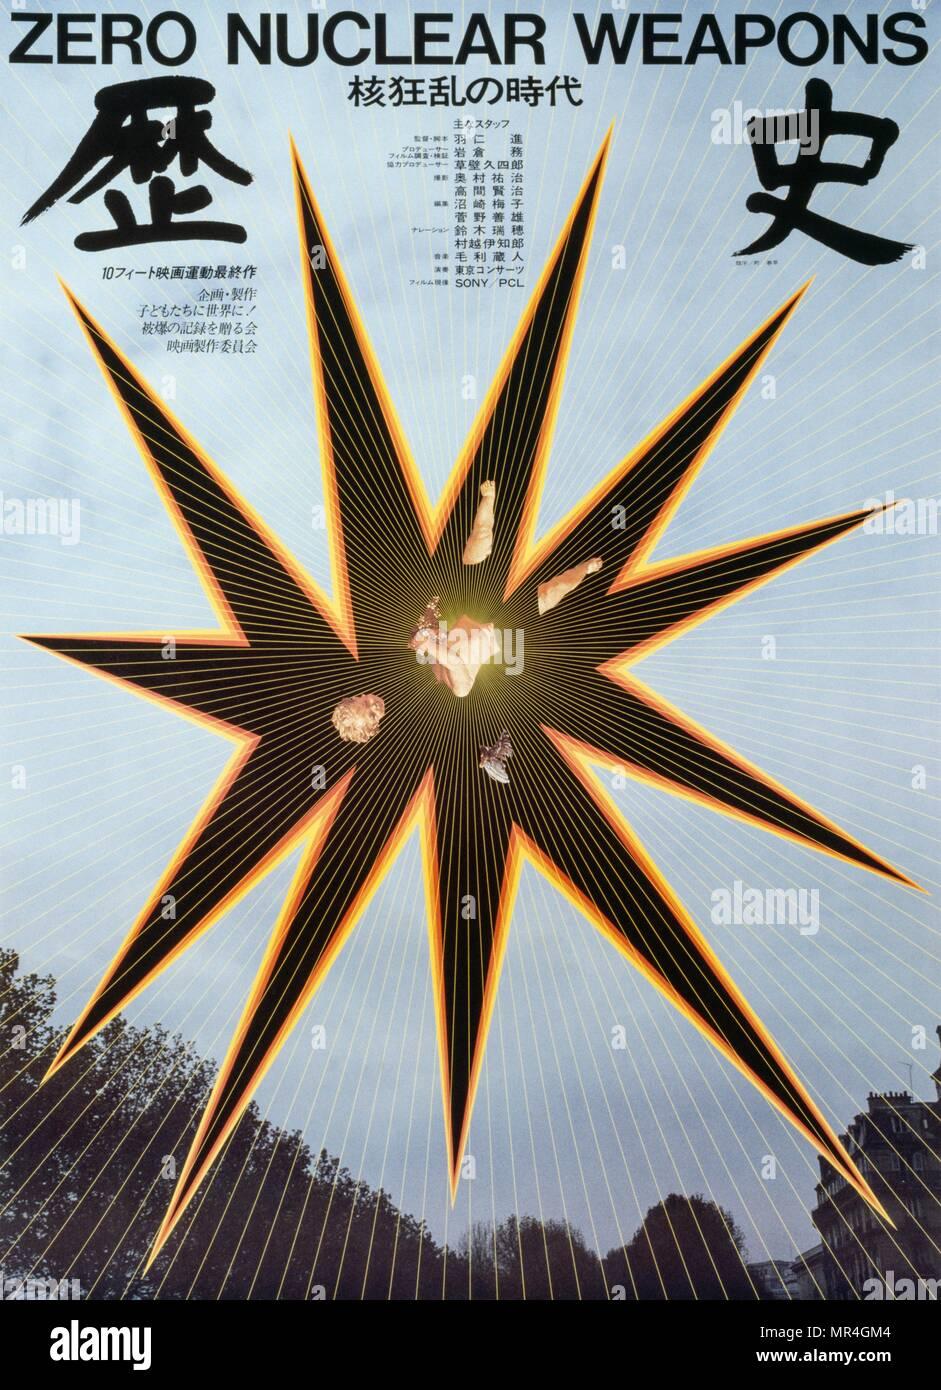 Japonés anti-armas nucleares cartel de la paz 1981, producido durante la guerra fría Imagen De Stock